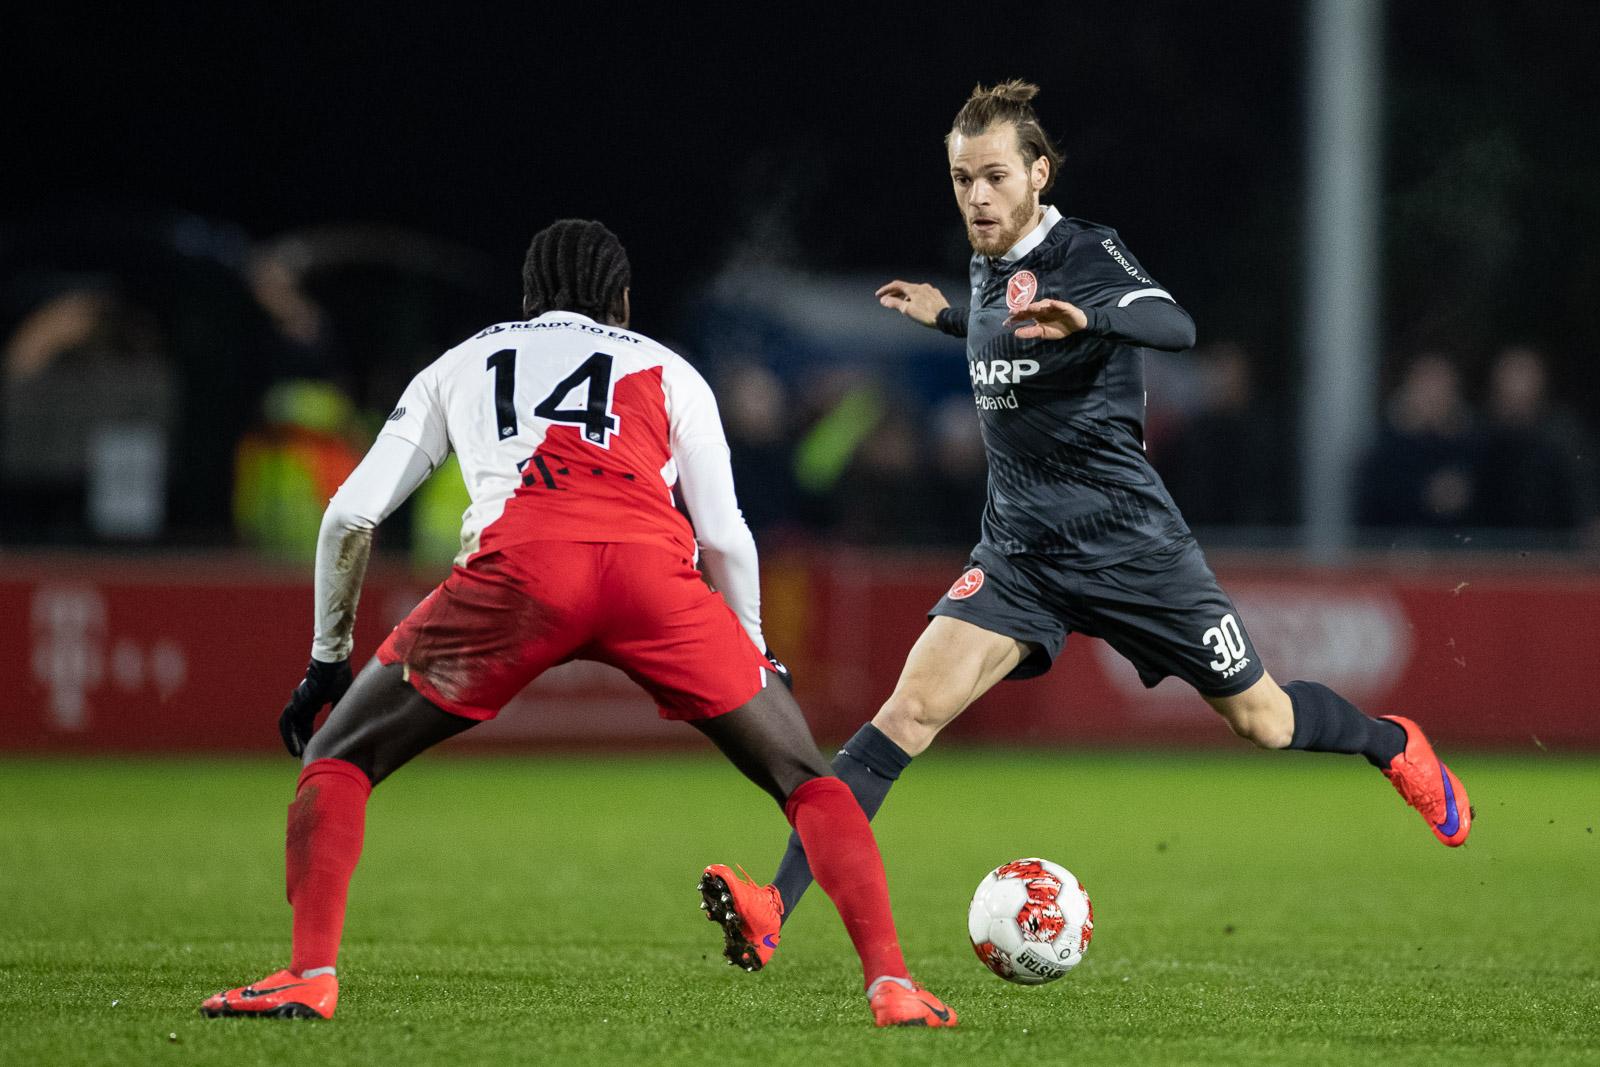 Periodejacht vervolgen tegen Jong FC Utrecht